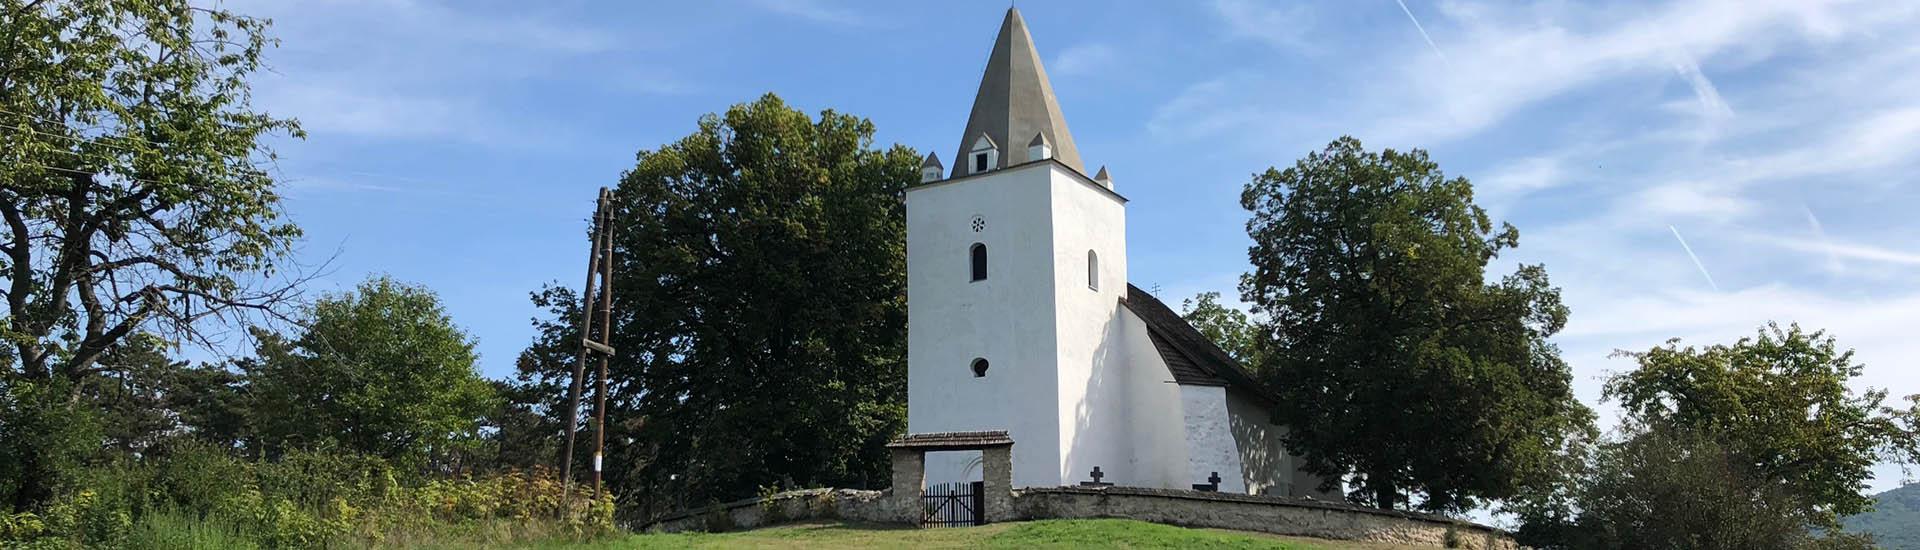 Sádok kostol